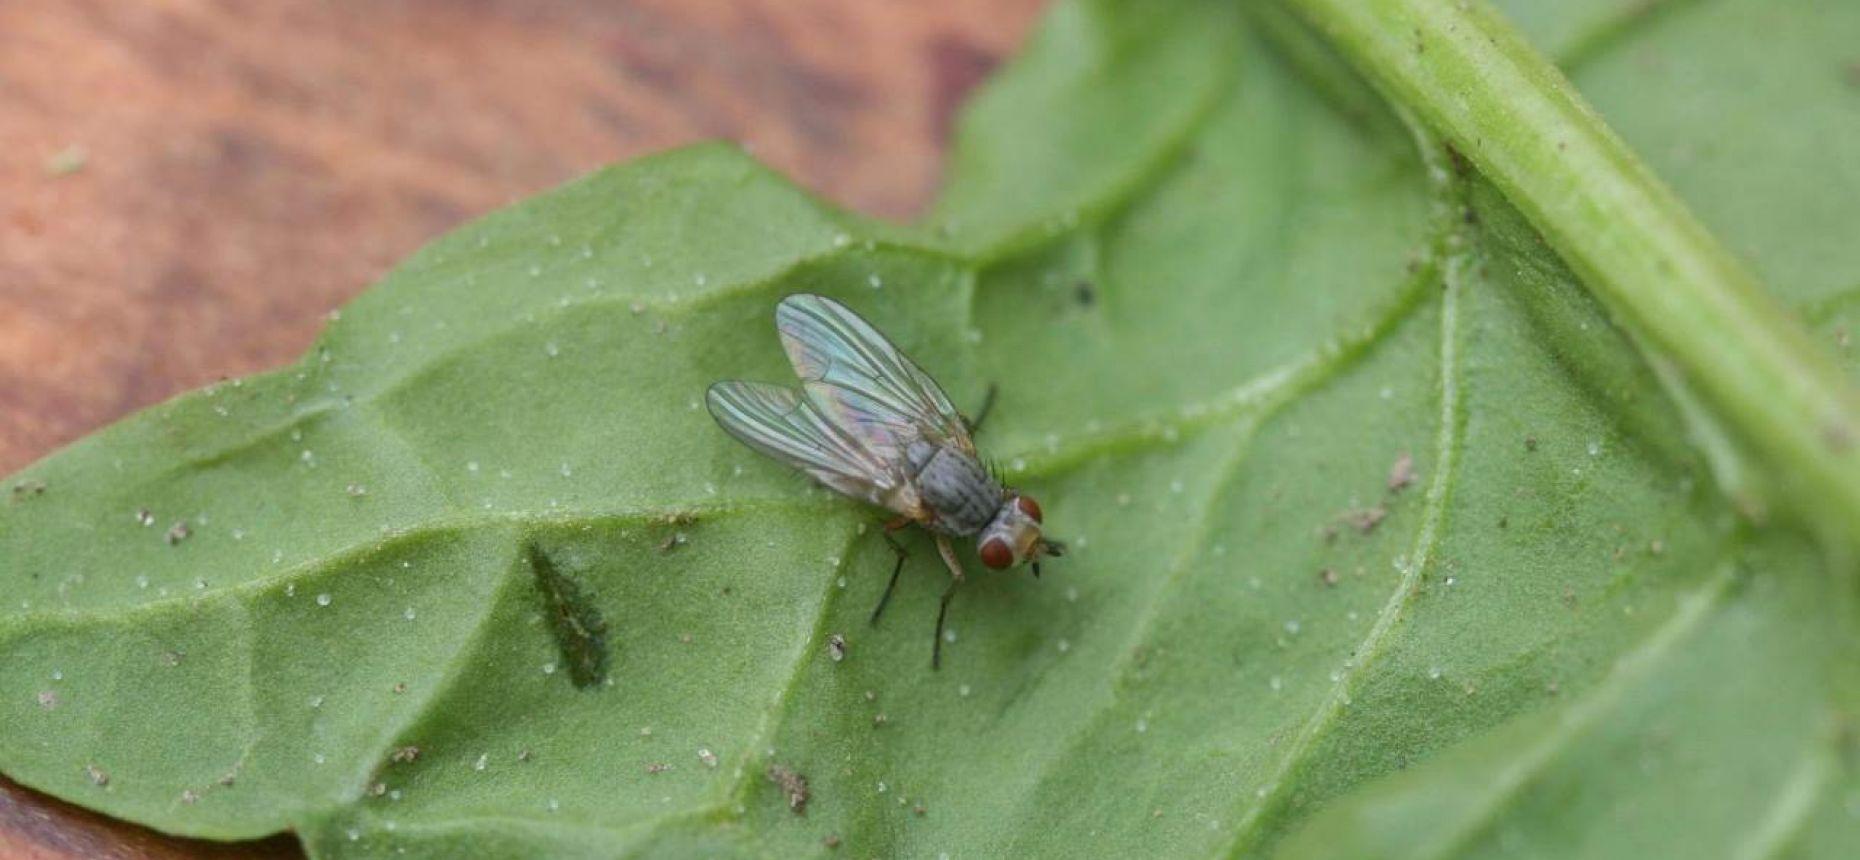 Северная свекловичная муха - Pegomyia betae Curtis.